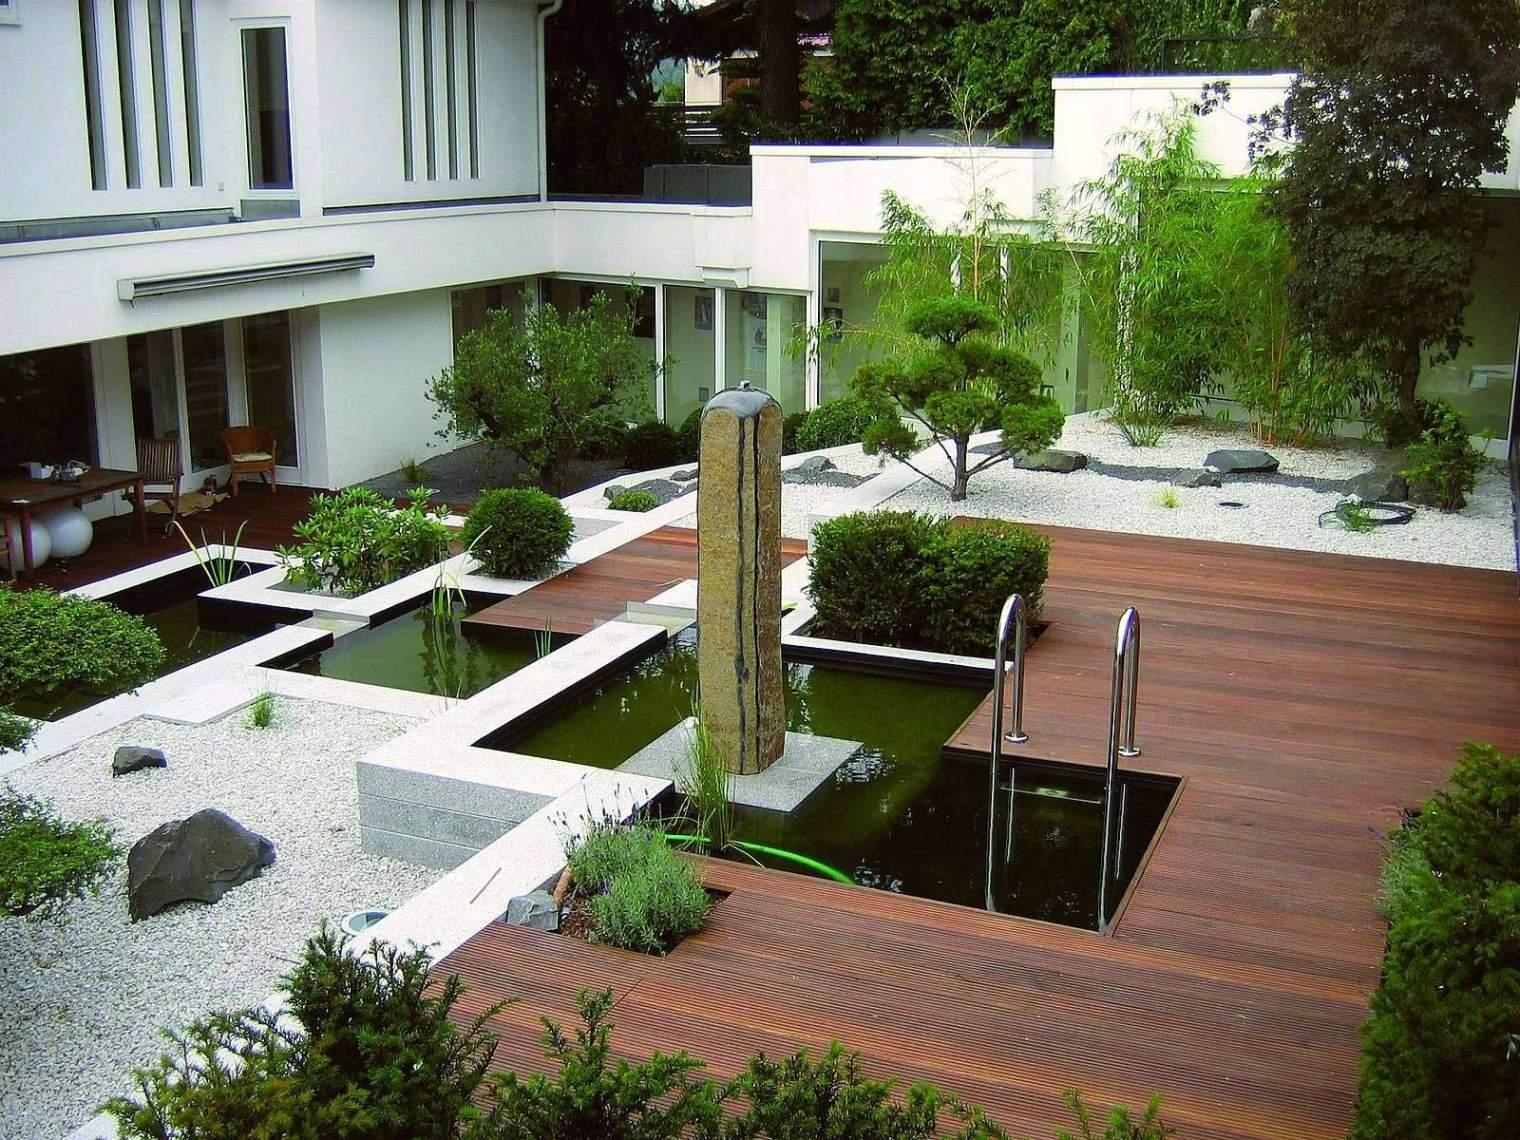 Ideen Für Gartengestaltung Genial 26 Neu Ideen Für Kleine Gärten Elegant